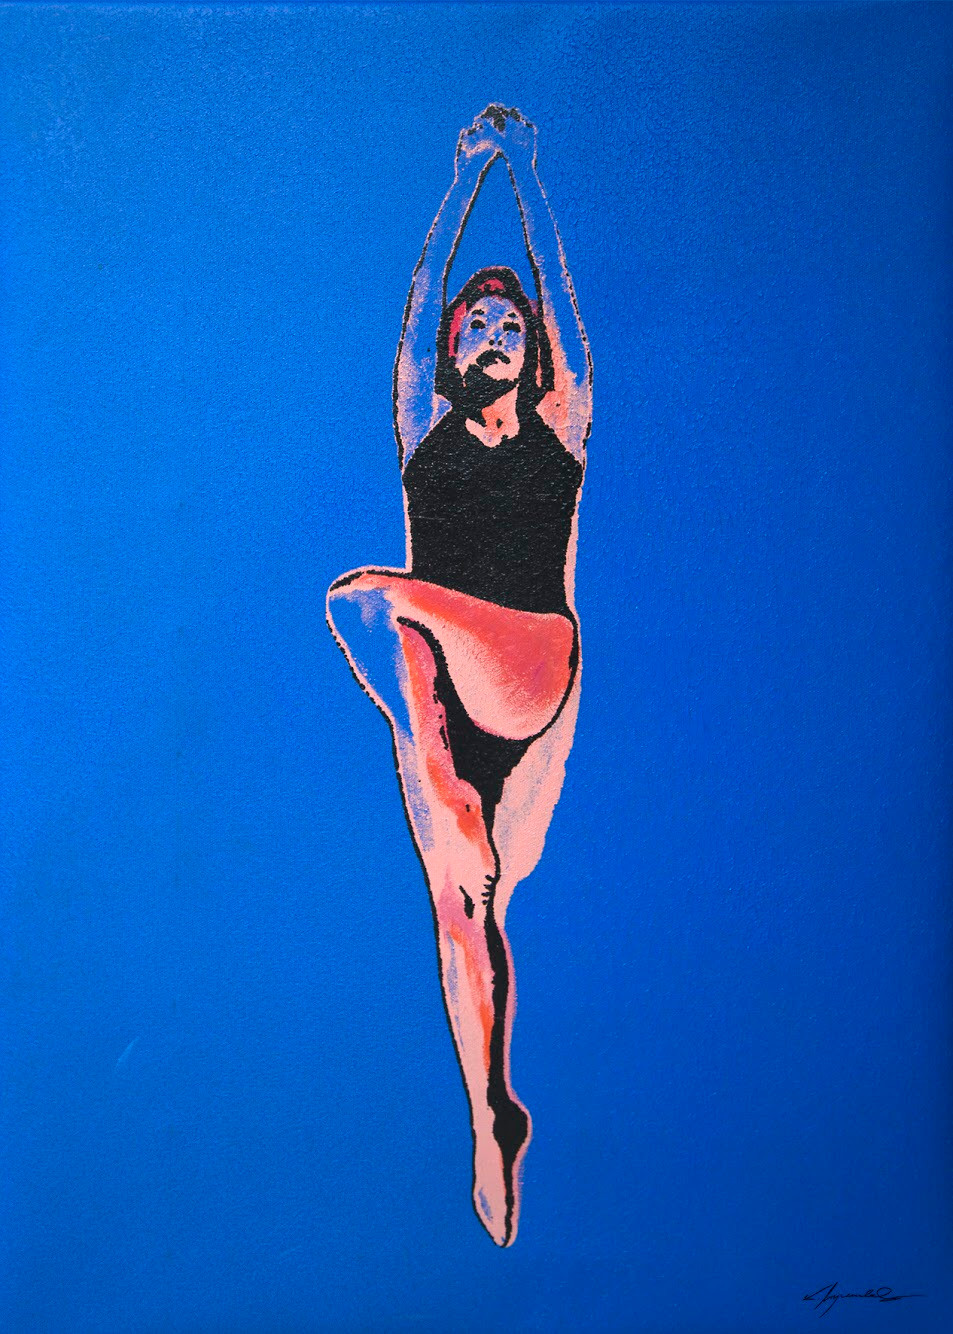 Kate Wyrembelska - Swimmers - serigraphy